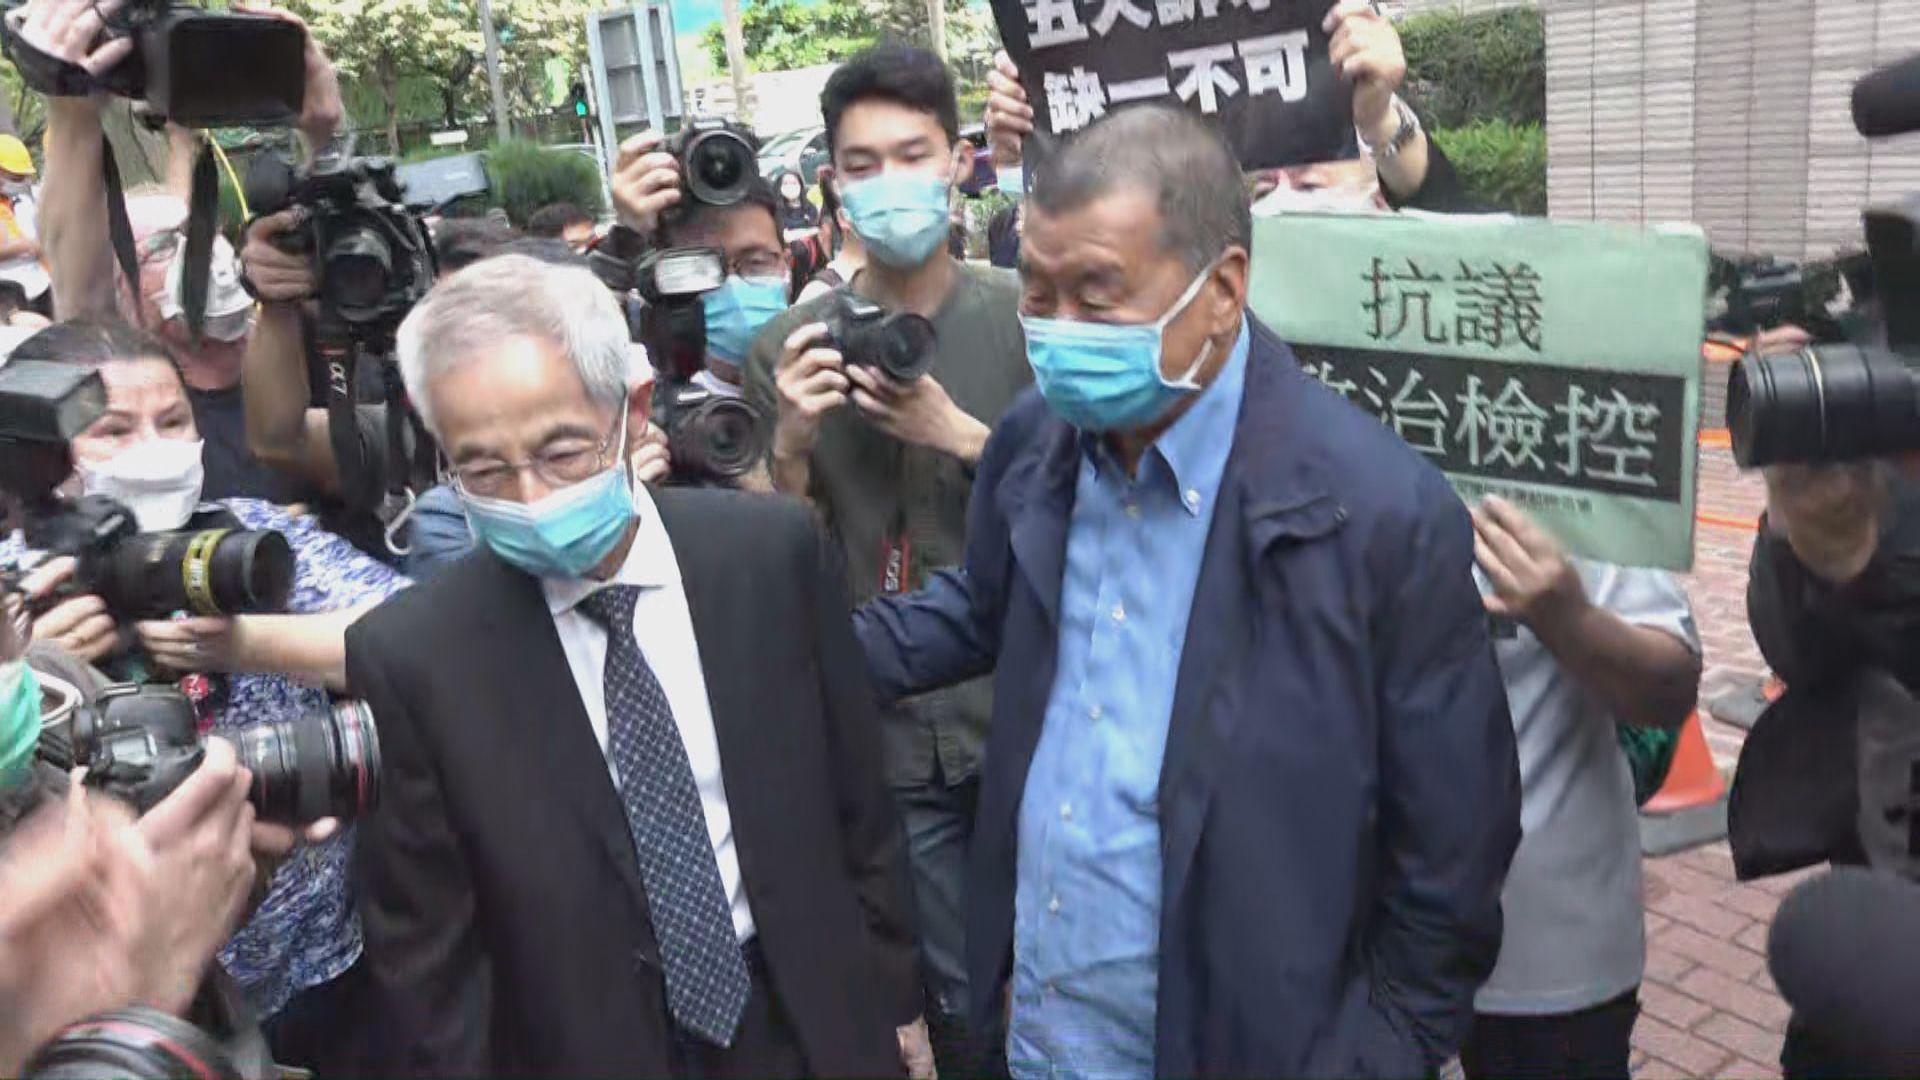 黎智英等15人涉非法集結案 押至下月15日再訊